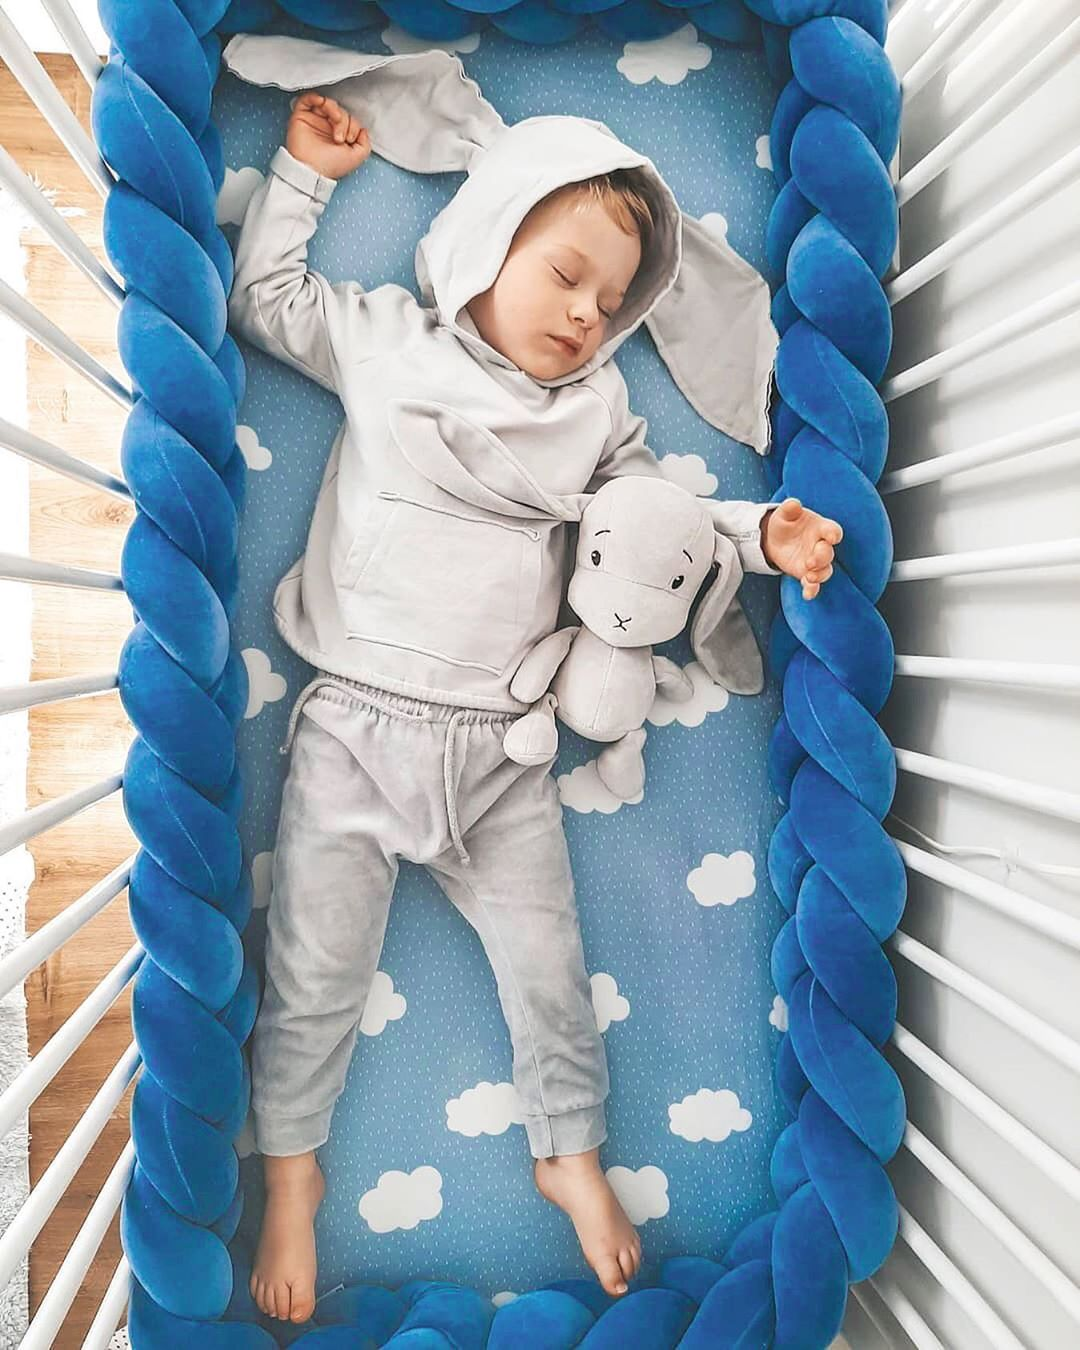 3 м перила кроватки кровать узлом оплетки на диванную подушку, Tour De France горит Bebe Tresse детская кроватка бампер Parachoques Cuna